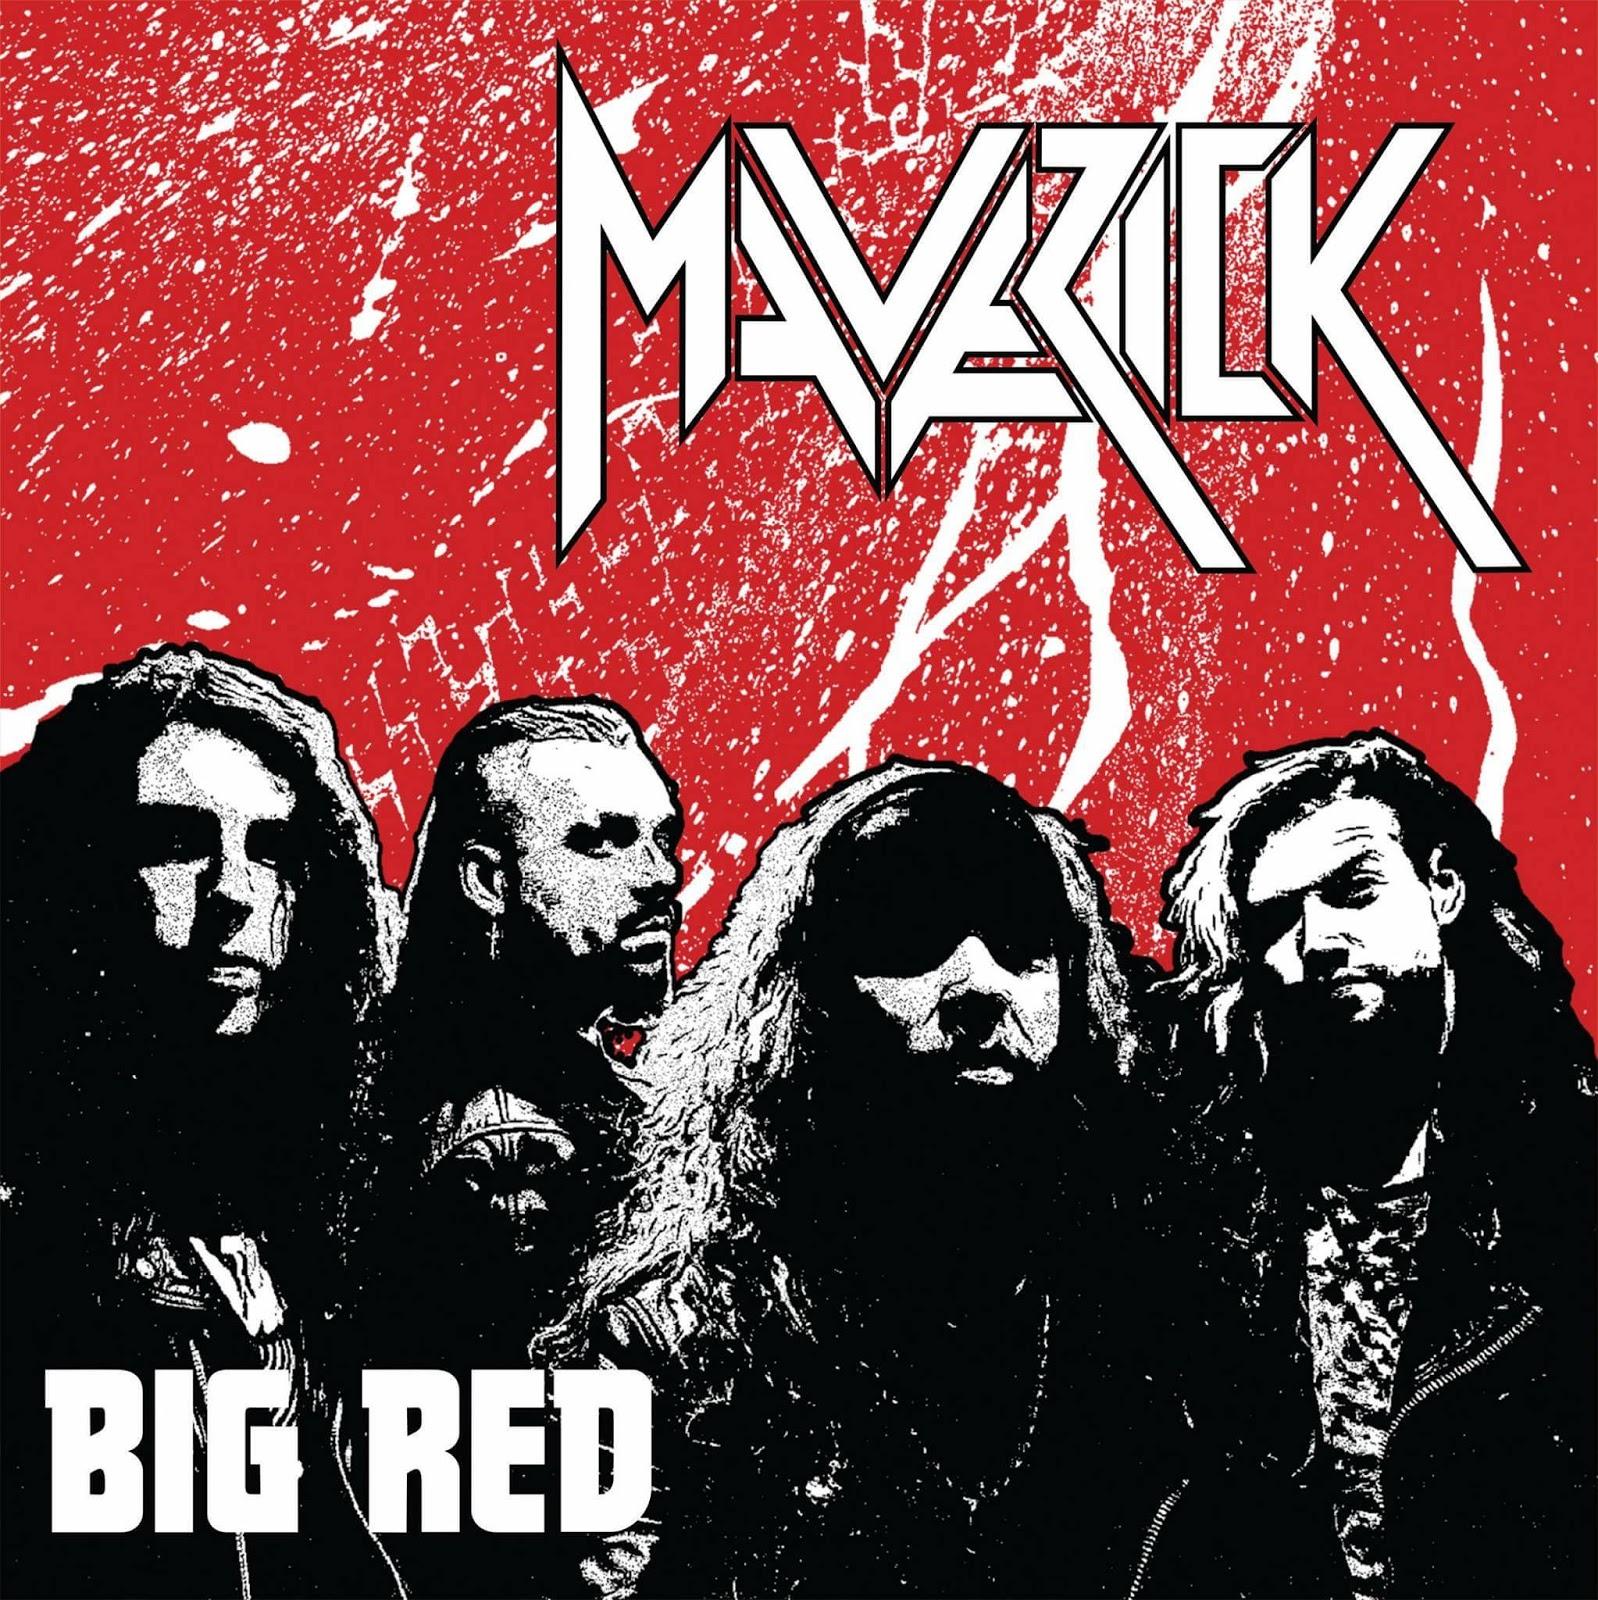 Maverick Big Red